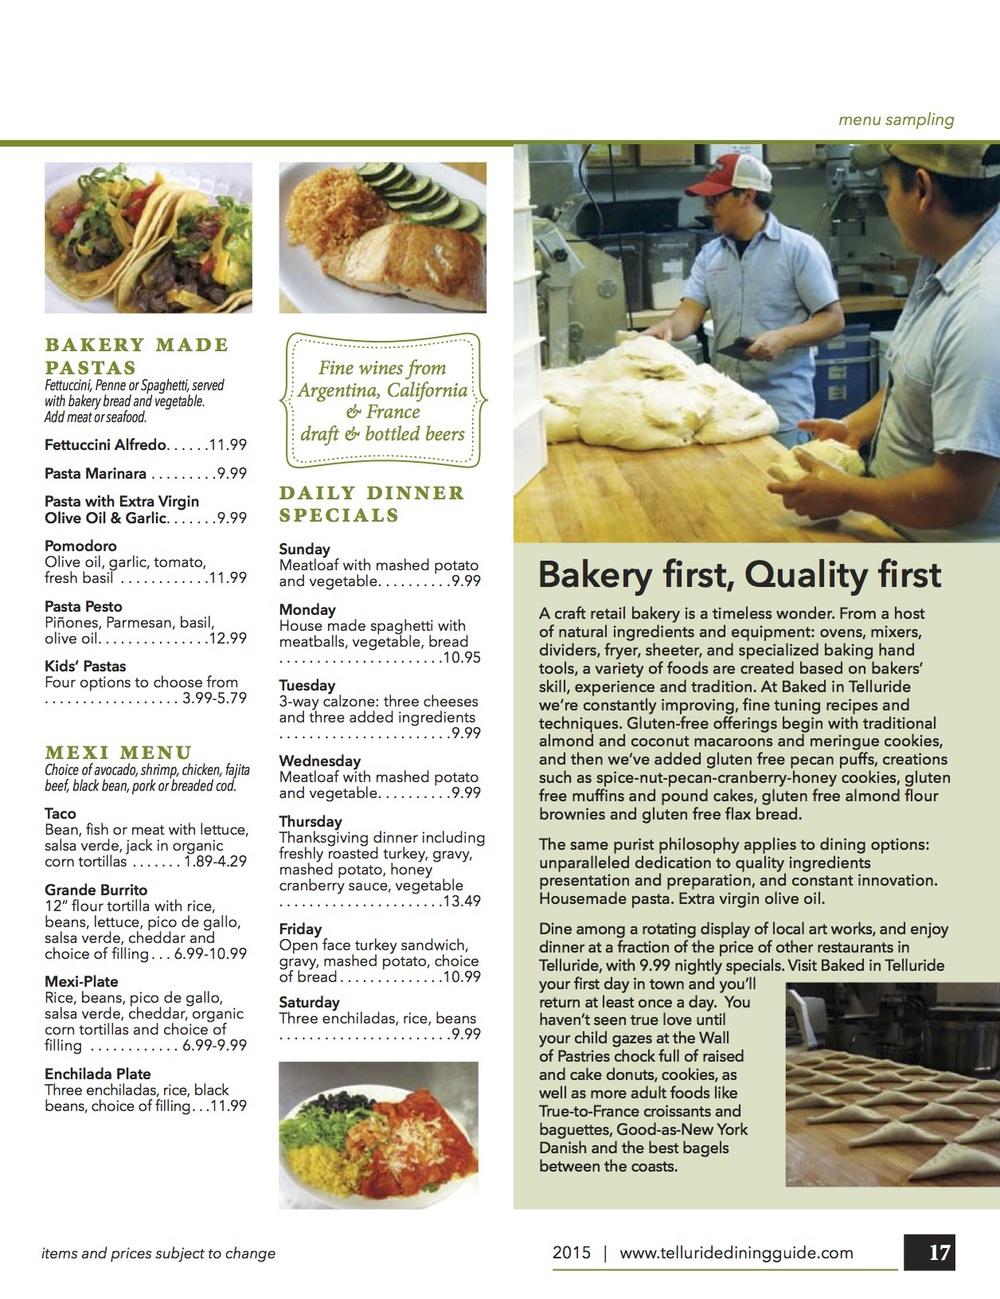 dining guide 2014-2015 4.jpg